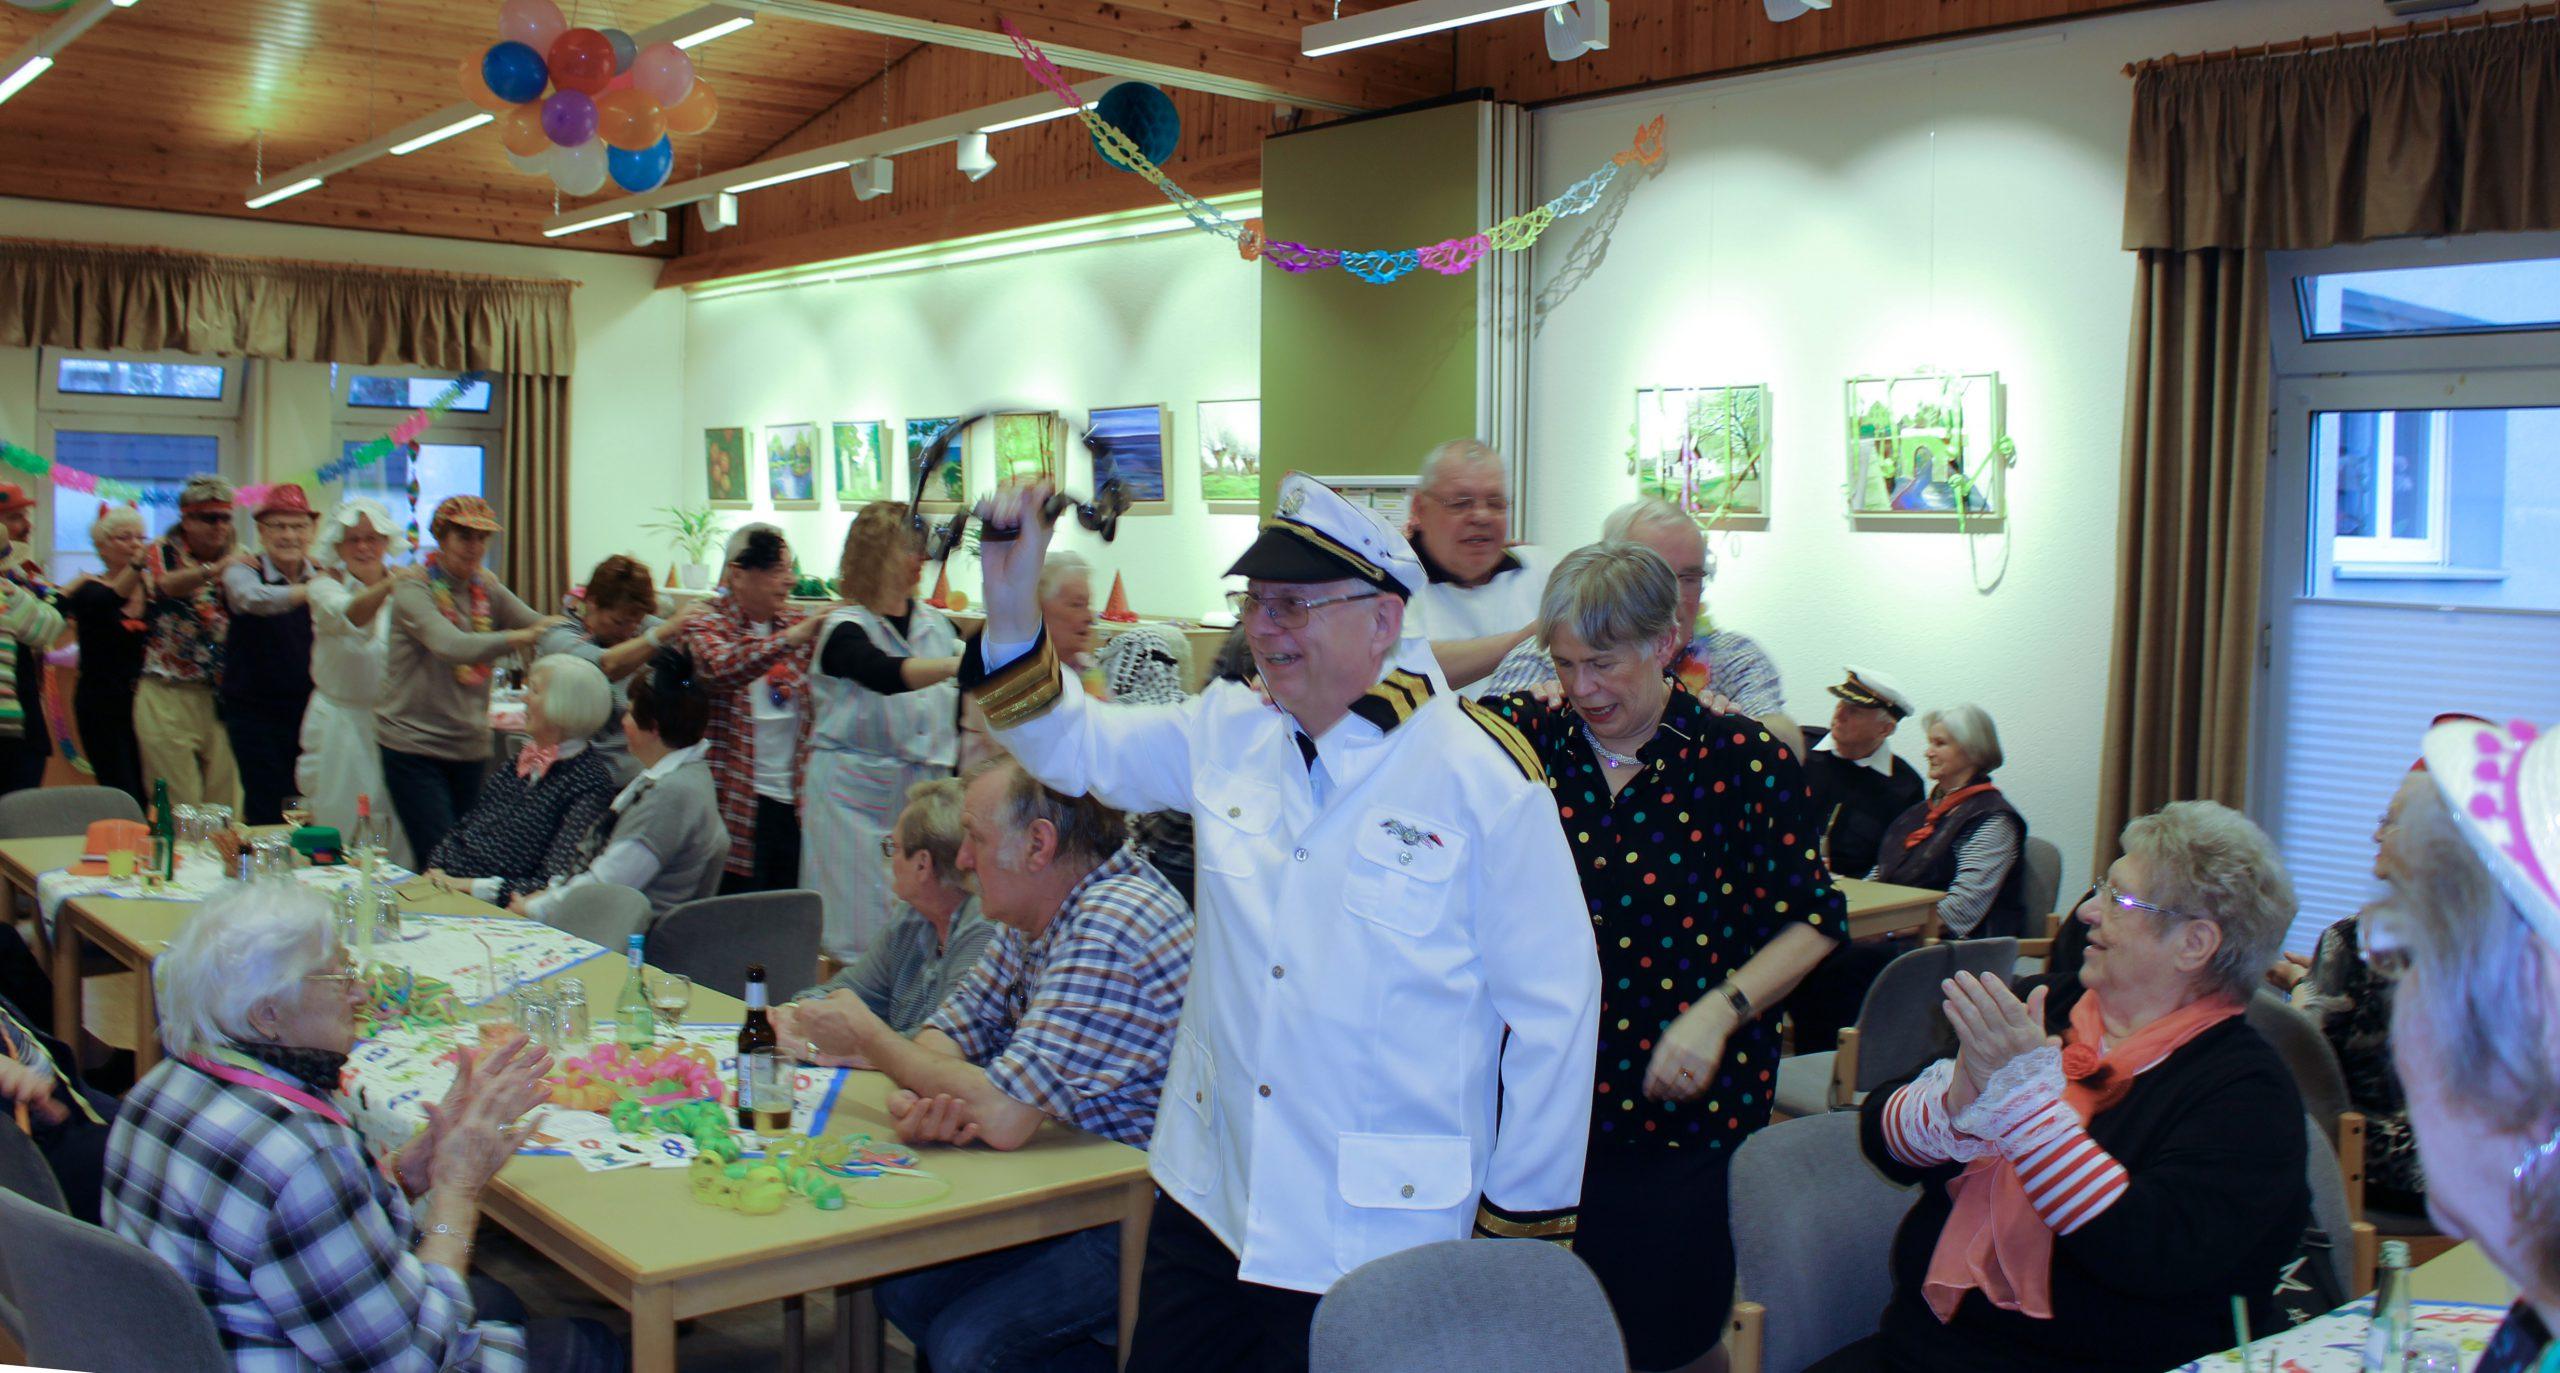 Der Verein Seniorenbegegnungsstätte lädt zum Karneval ein. (Foto: privat)